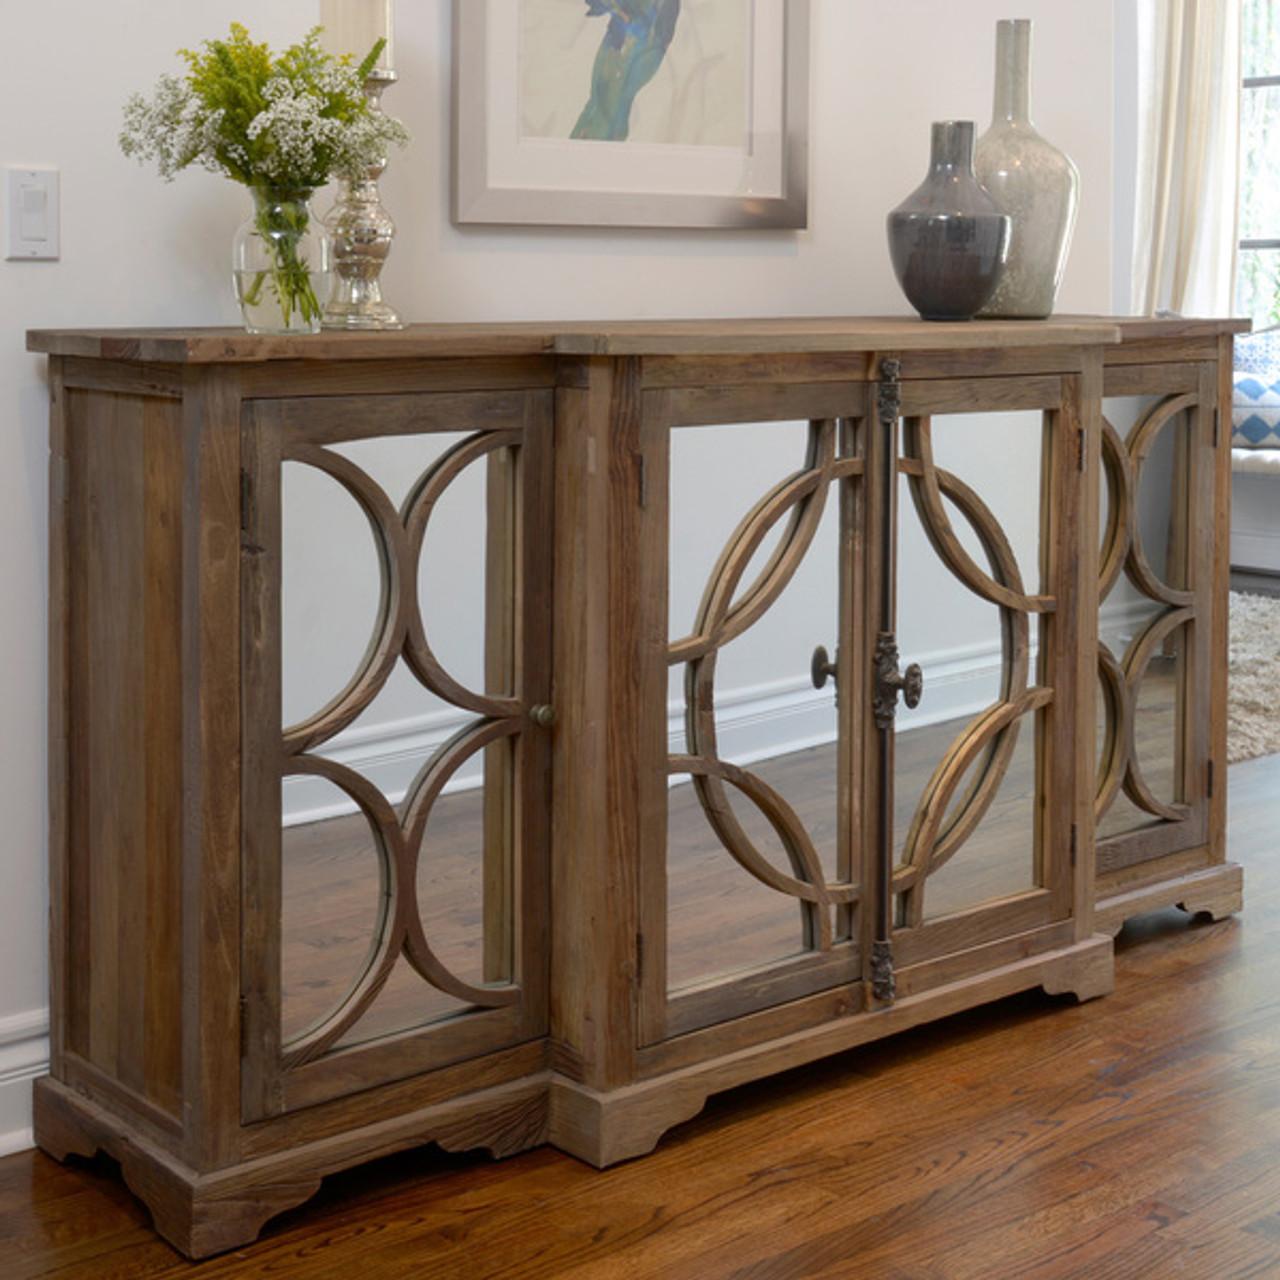 Attractive Wells Reclaimed Elm Wood Mirrored Sideboard Buffet | Zin Home ZM77